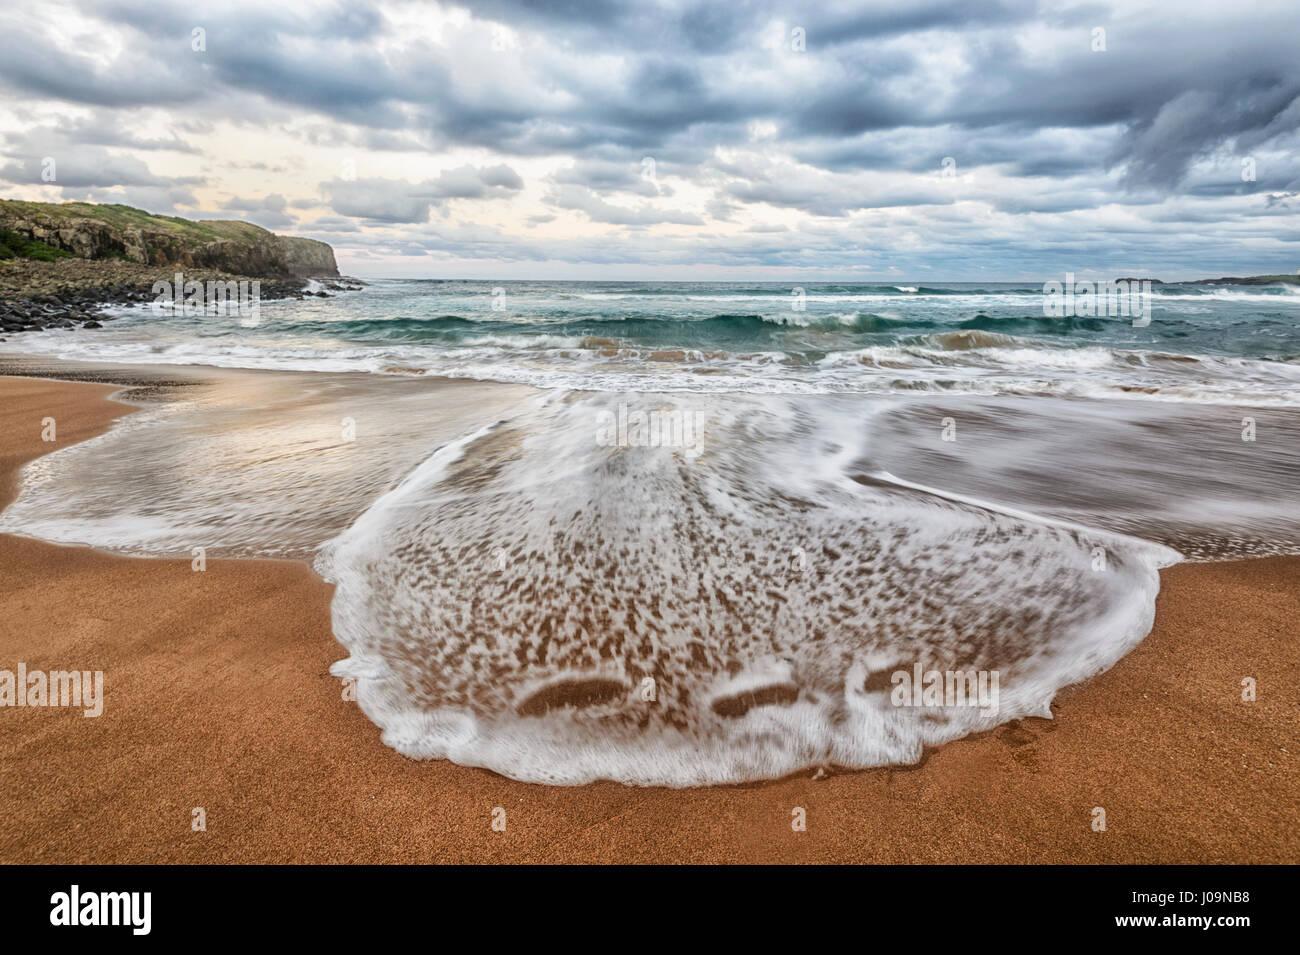 Drammatica vista di un imminente tempesta e modelli di onda a Bombo Beach, Kiama, Illawarra Costa, Nuovo Galles Immagini Stock